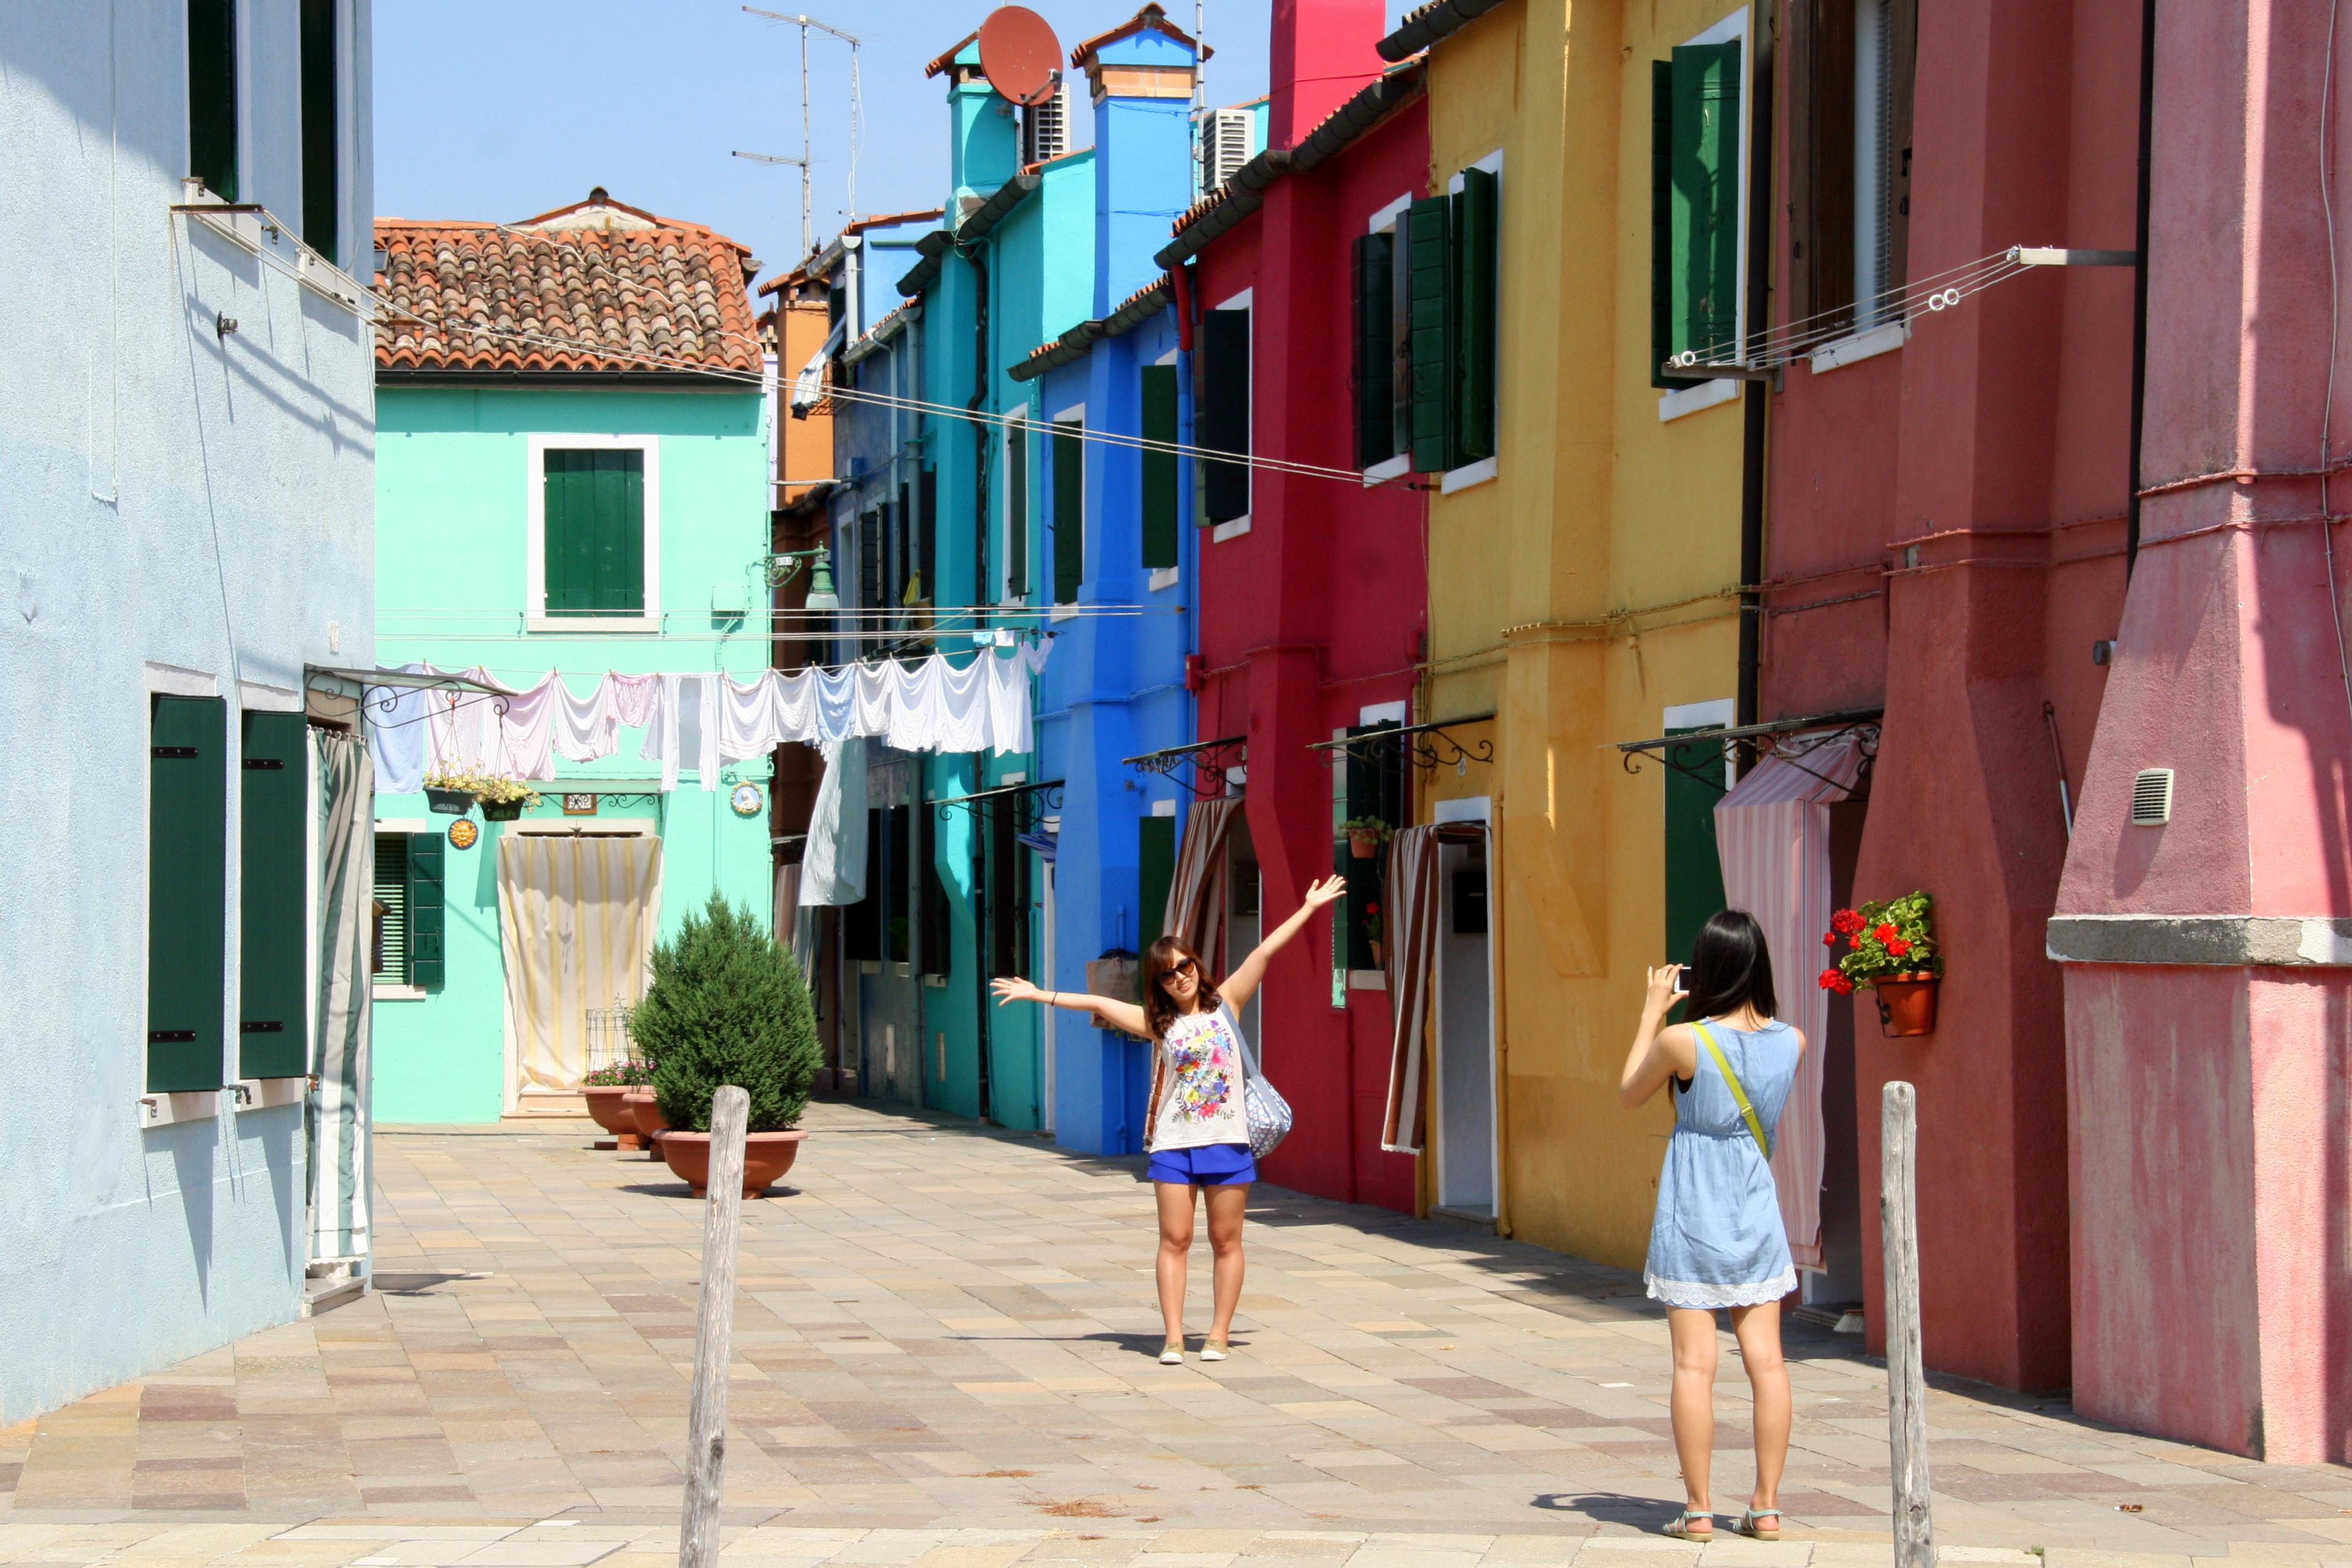 venezia 2 parte (9)